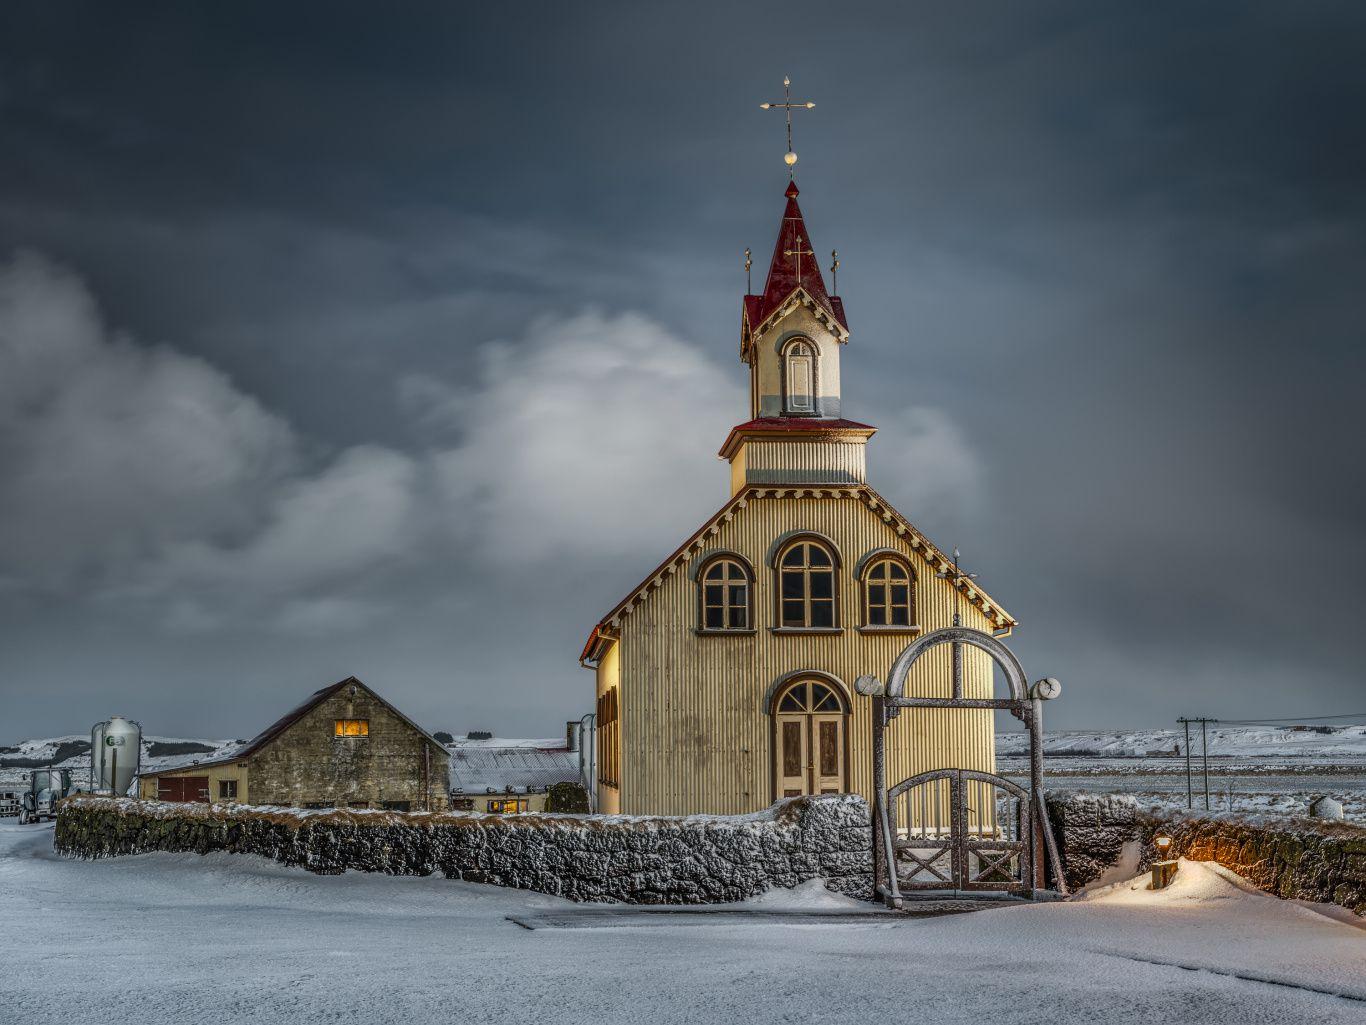 2020-2, no local, Iglesia en la Nieve.jpg